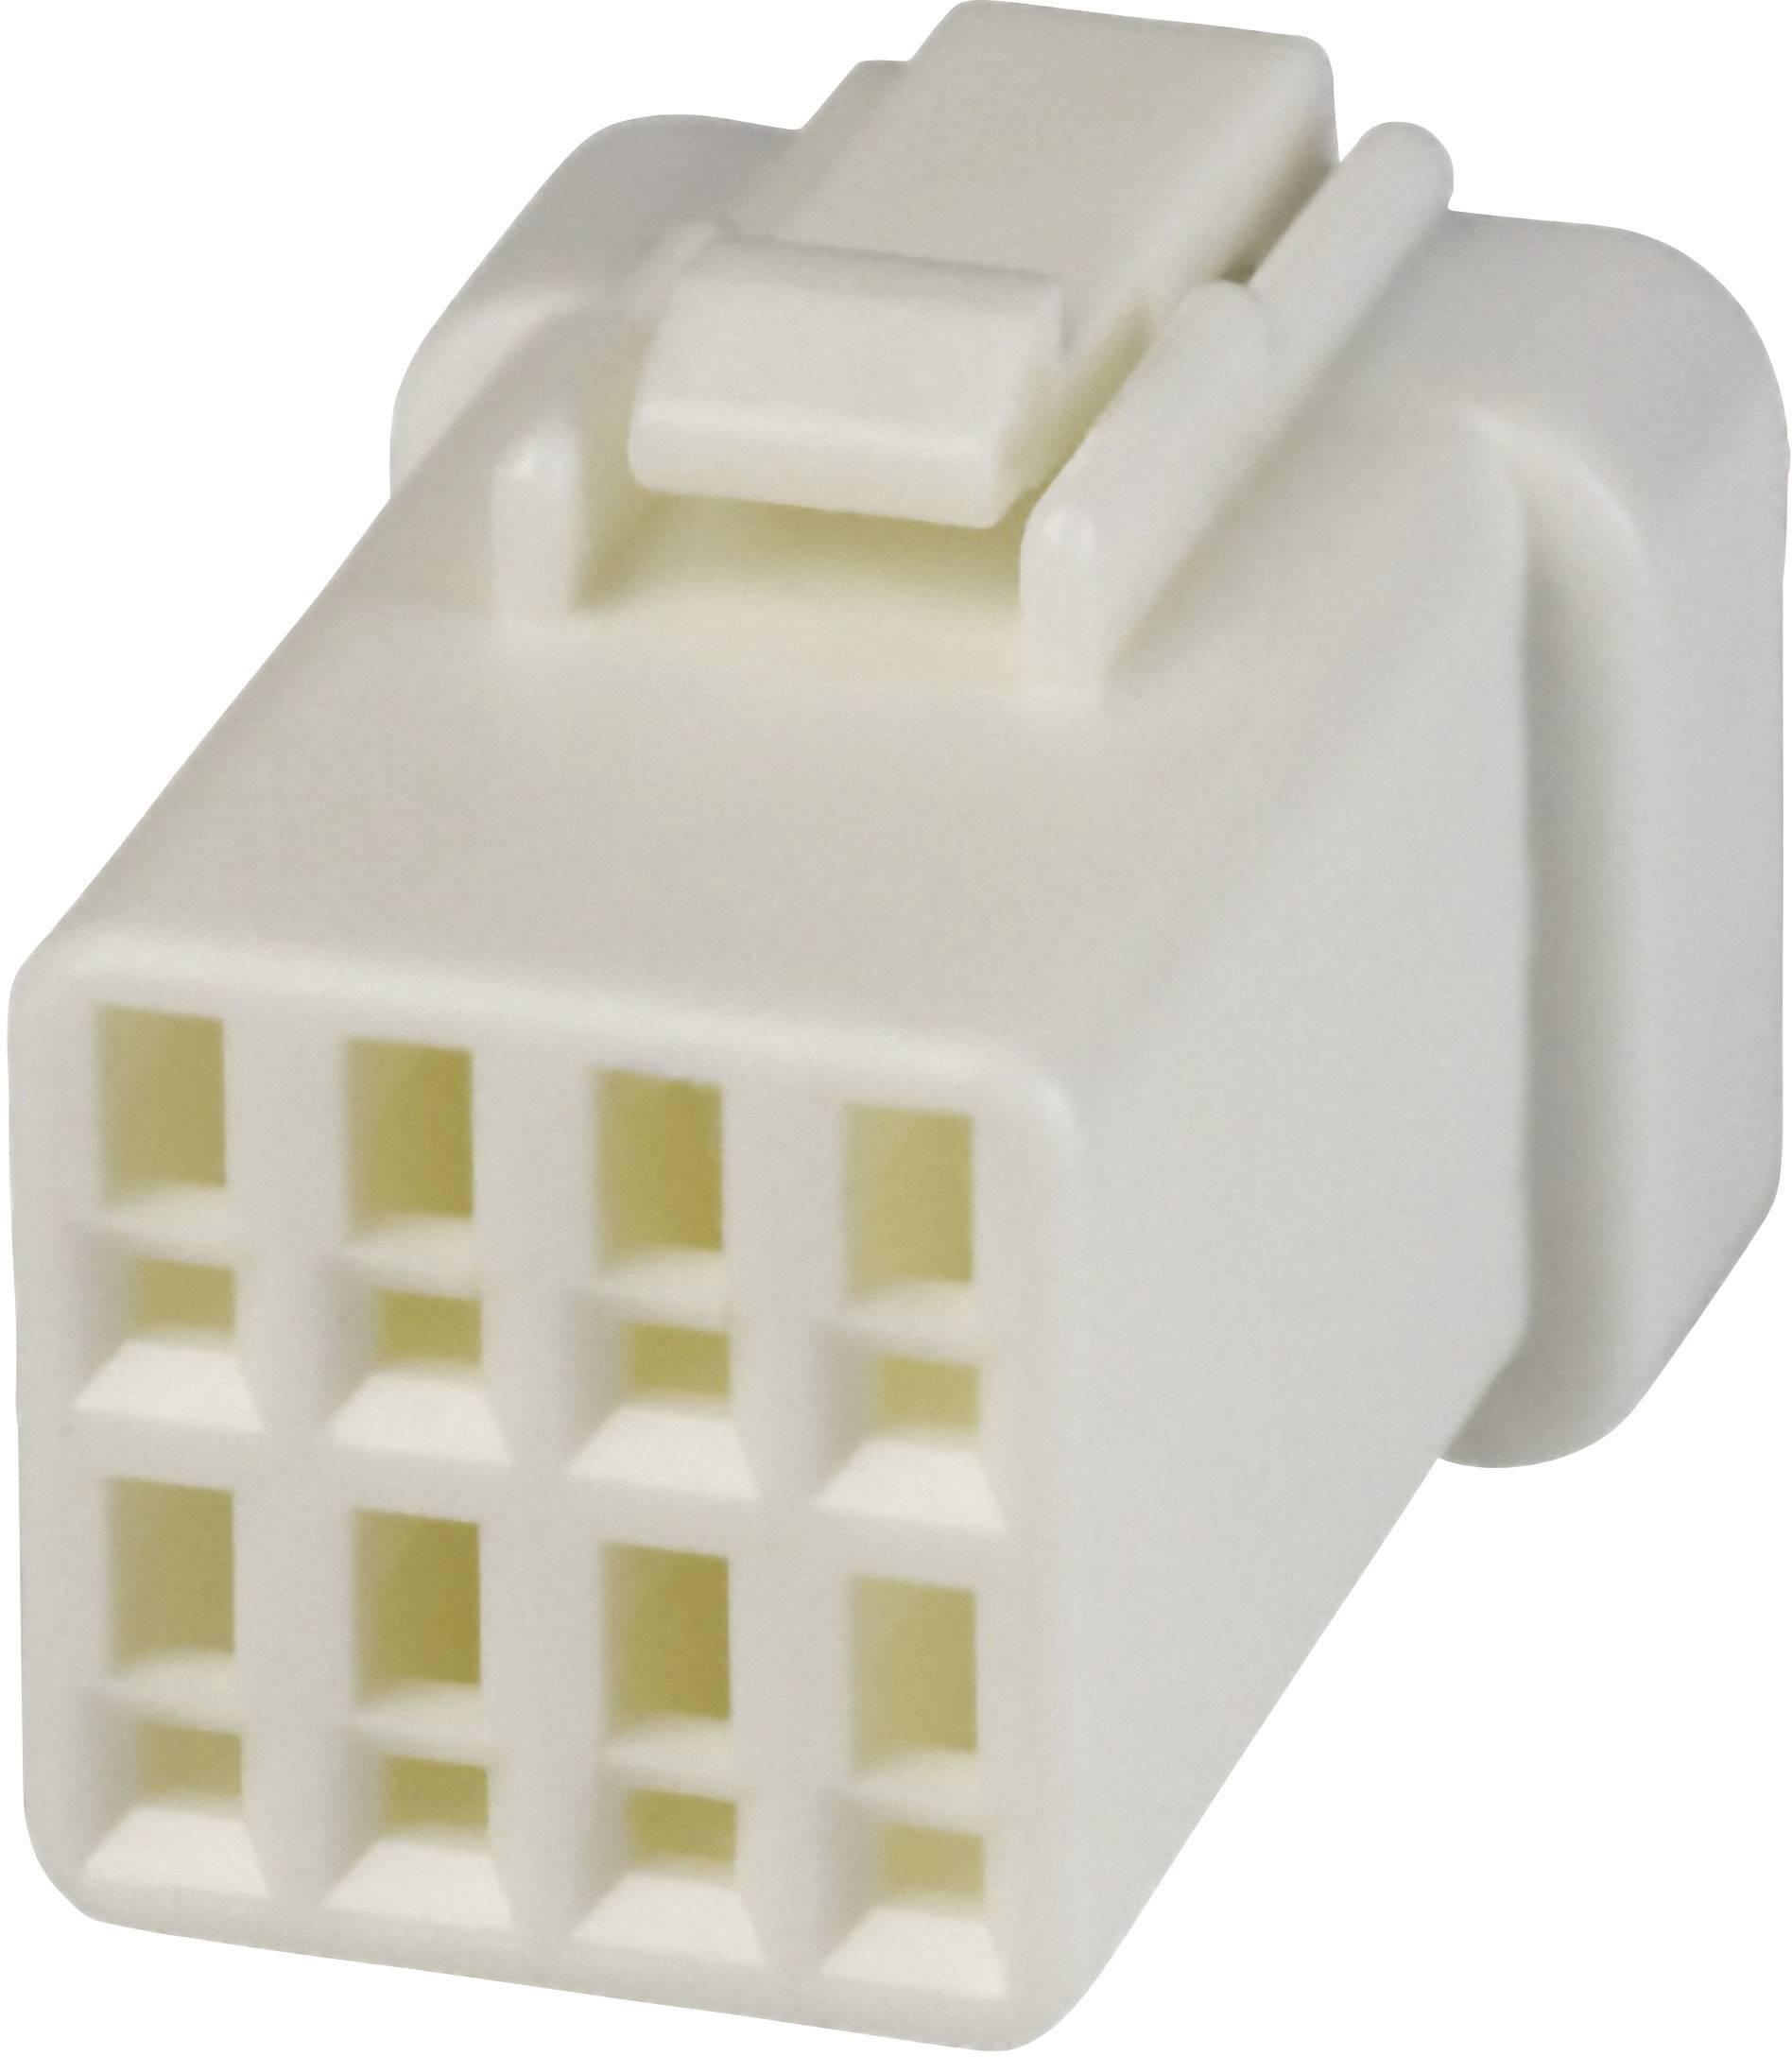 Zásuvkový konektor na kabel JST 08R-JWPF-VSLE-D 08R-JWPF-VSLE-D, 10.7 mm, pólů 8, 1 ks